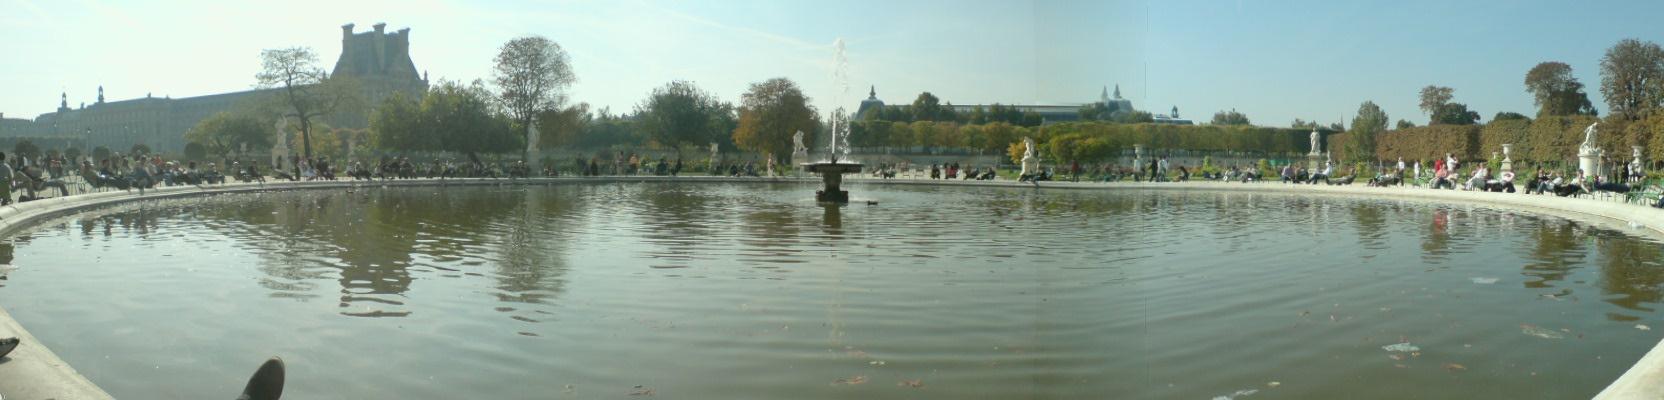 Jardines de Tuileries